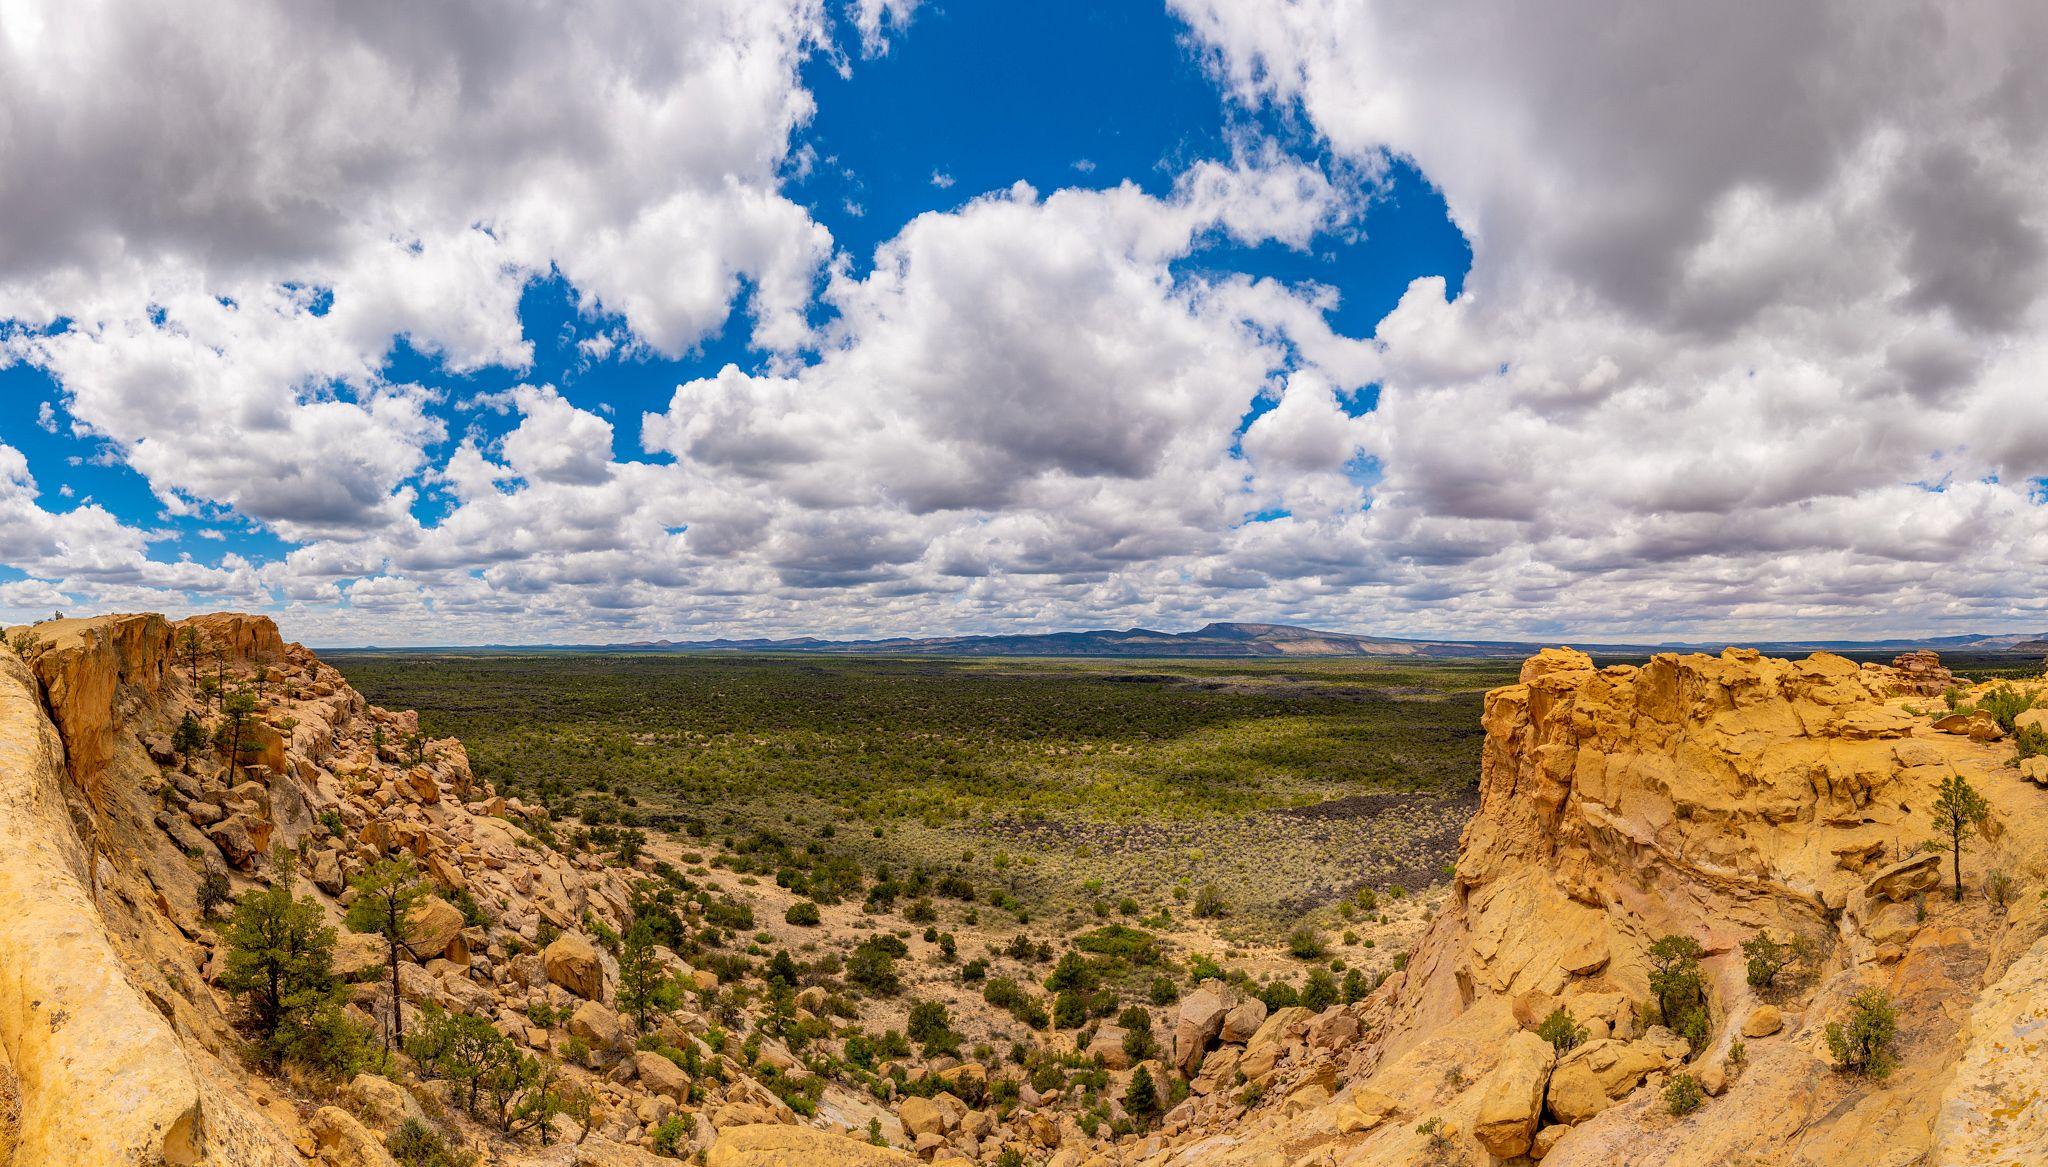 Sandstone Bluffs Overlook